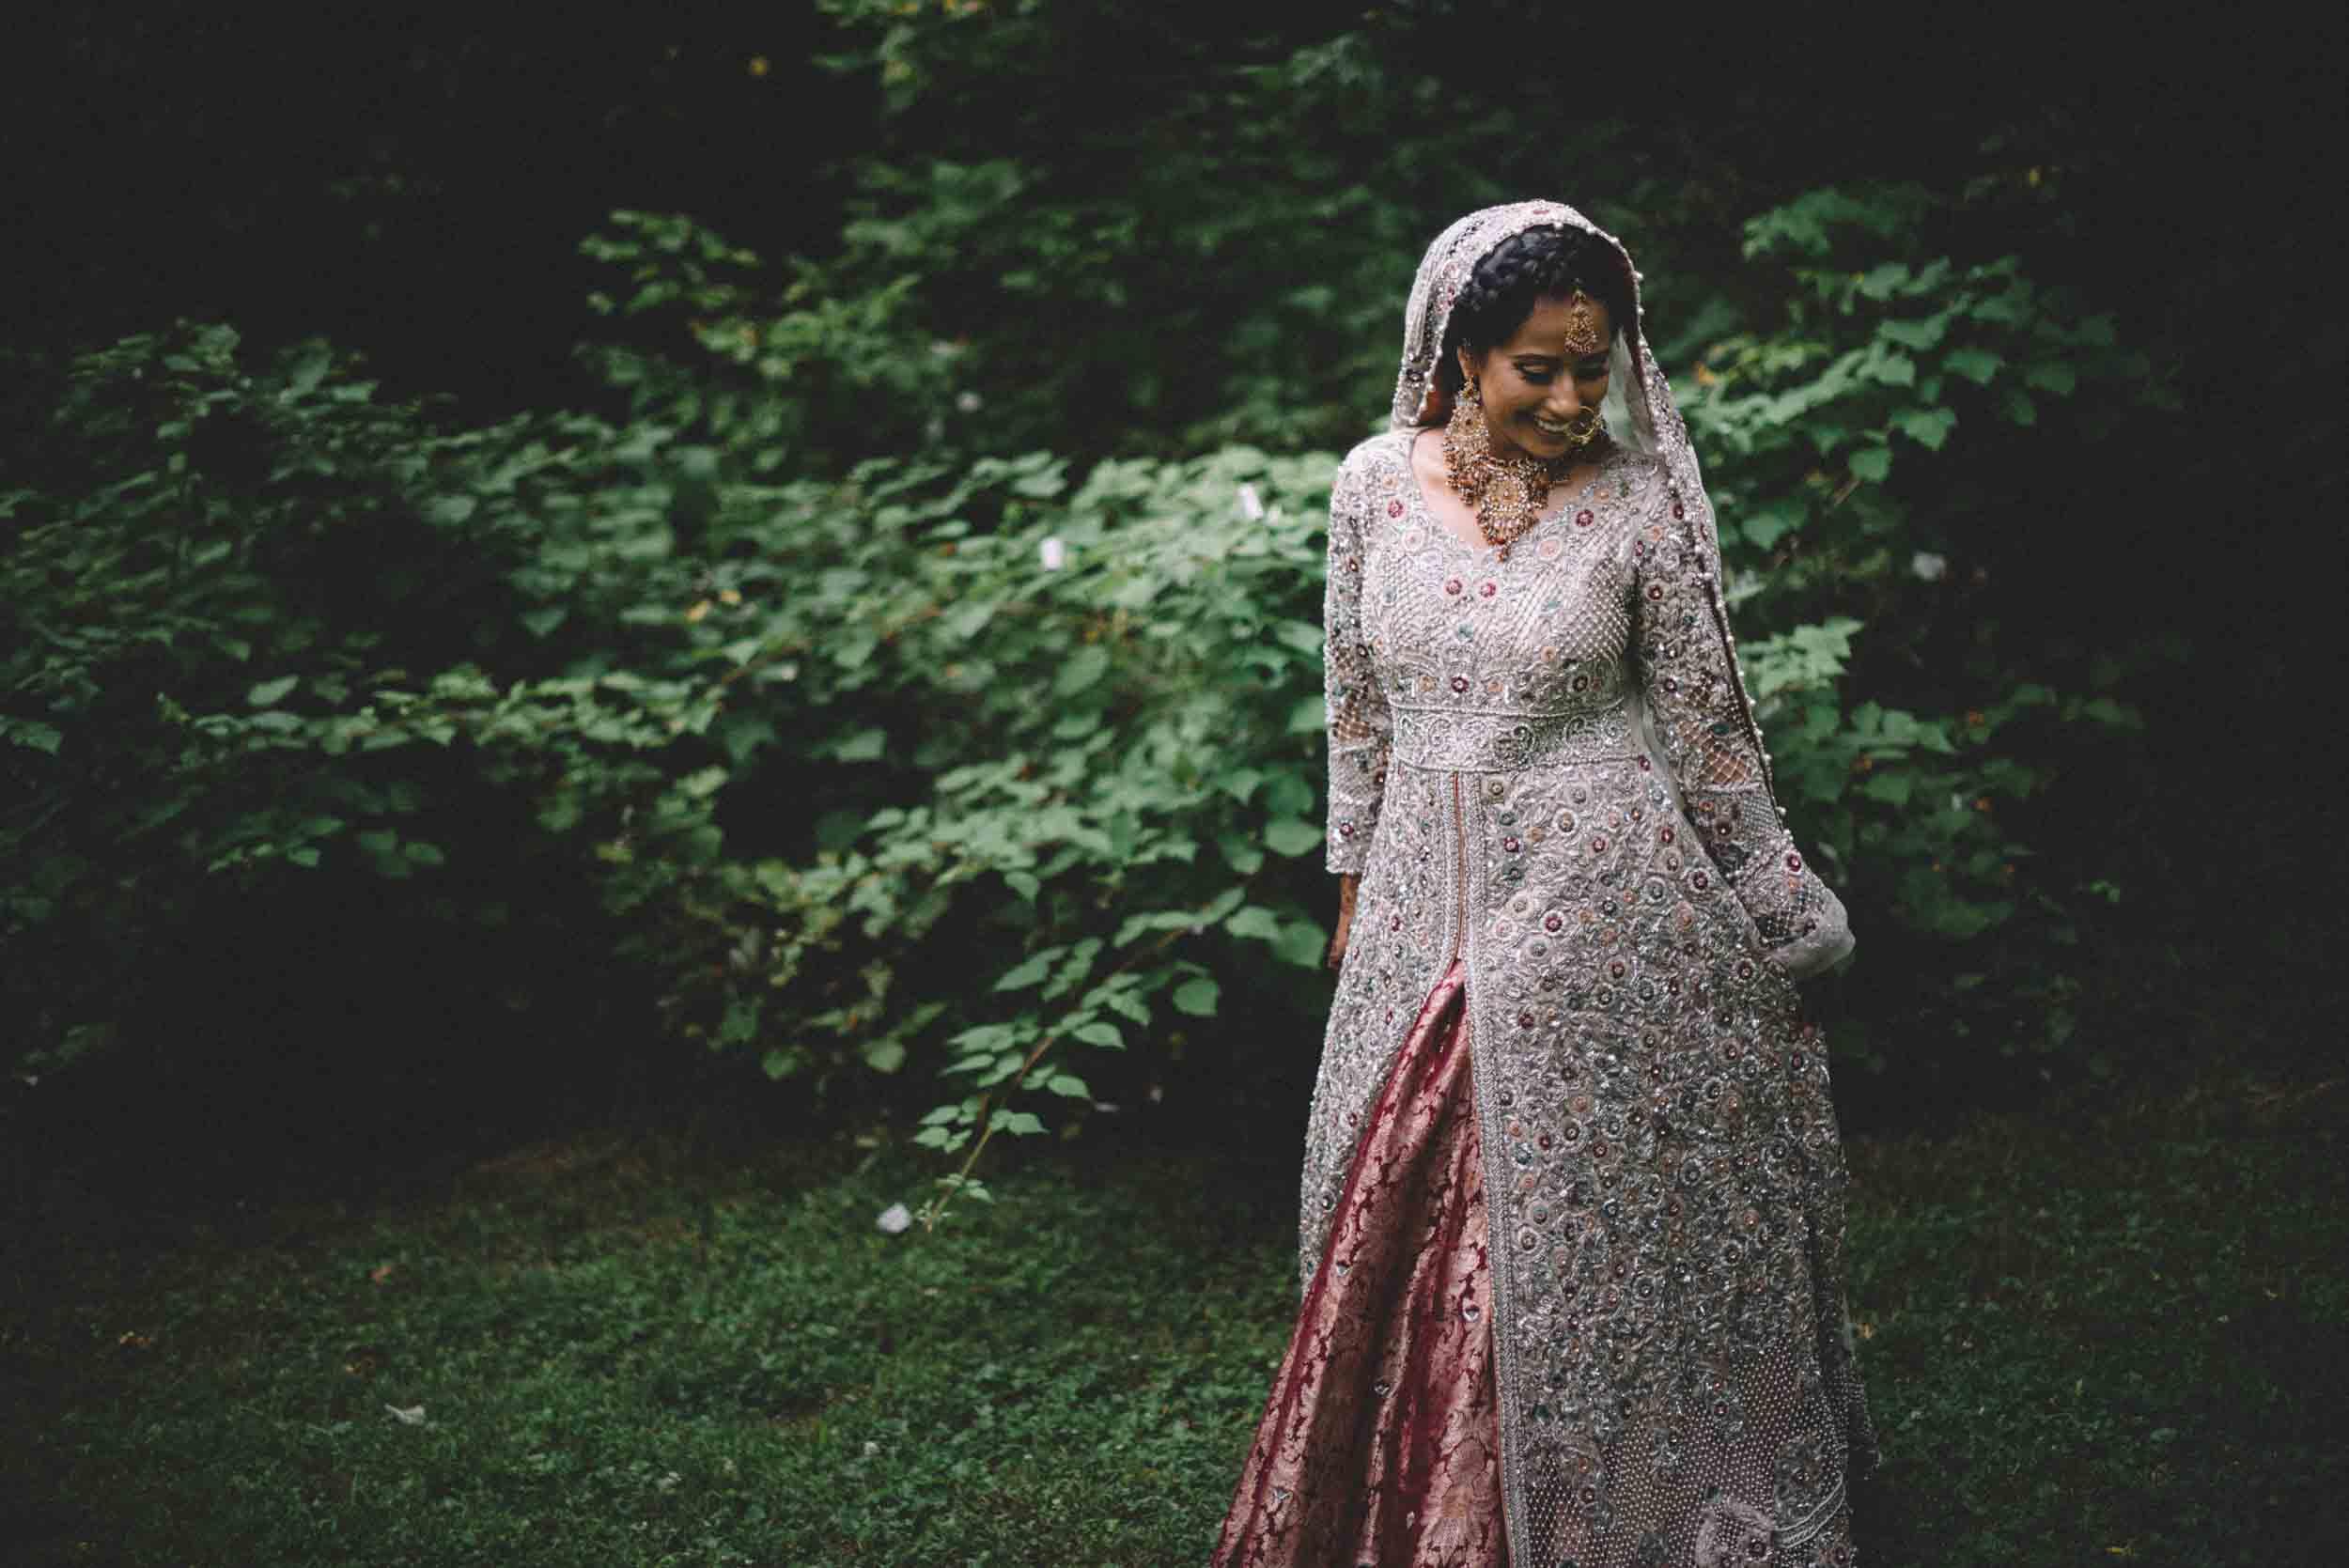 centreville-virginia-wedding-35.jpg